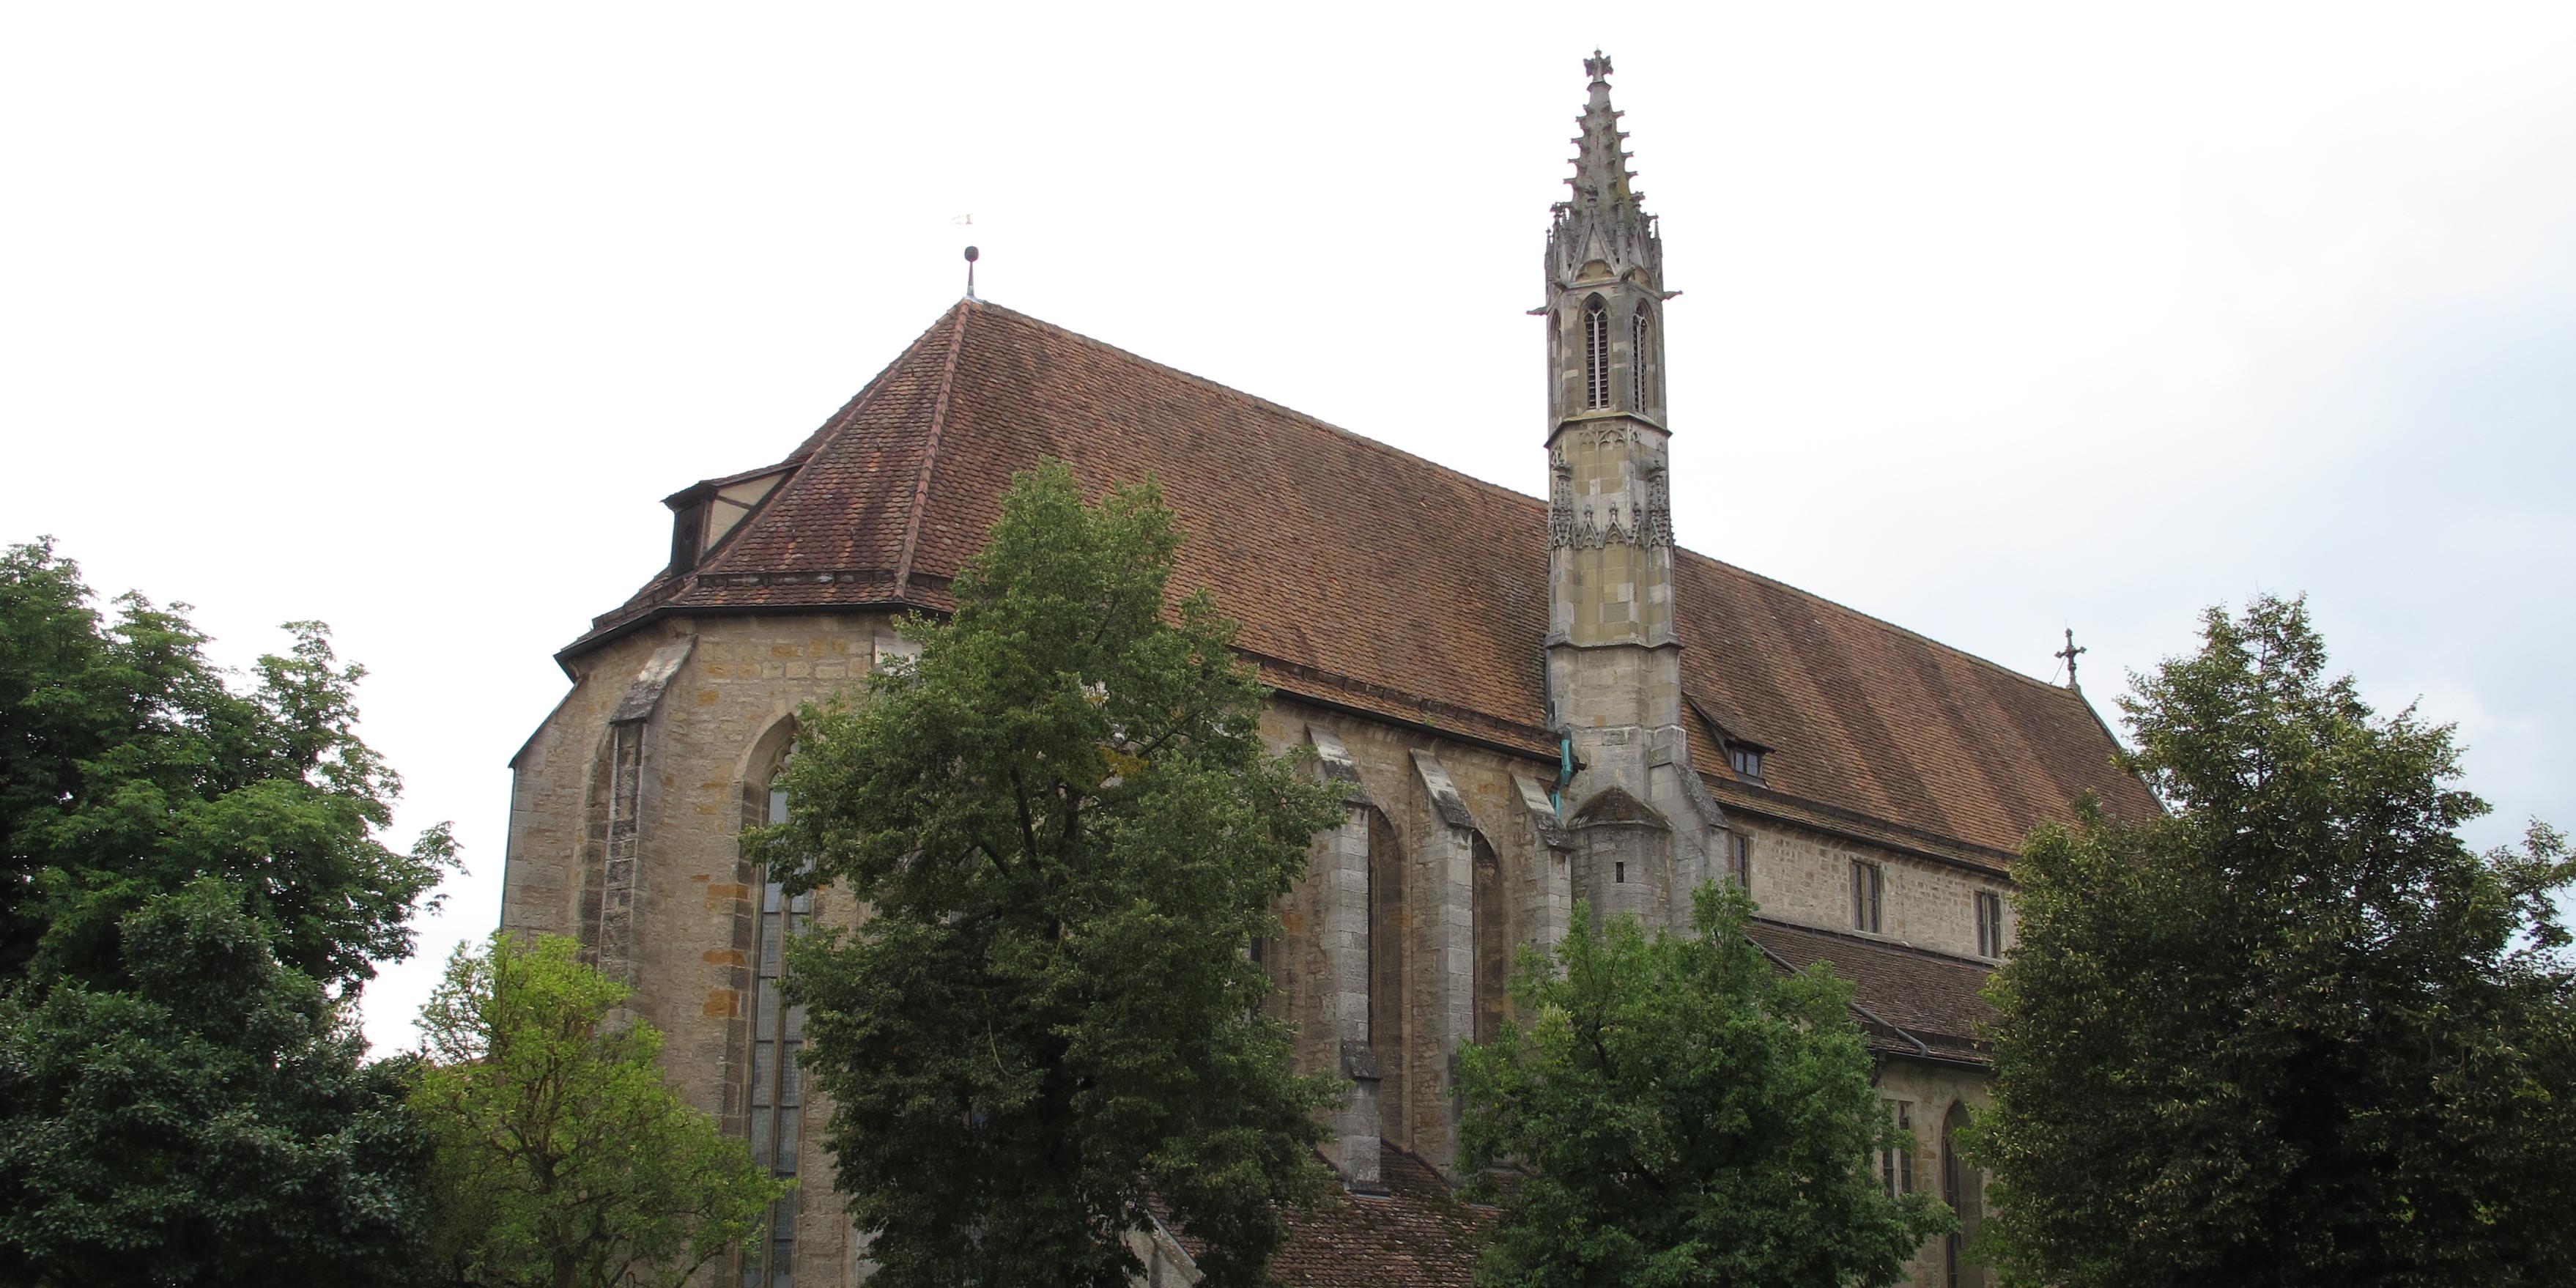 Kirche des Monats April 2020, © wiki commons_Misburg3014